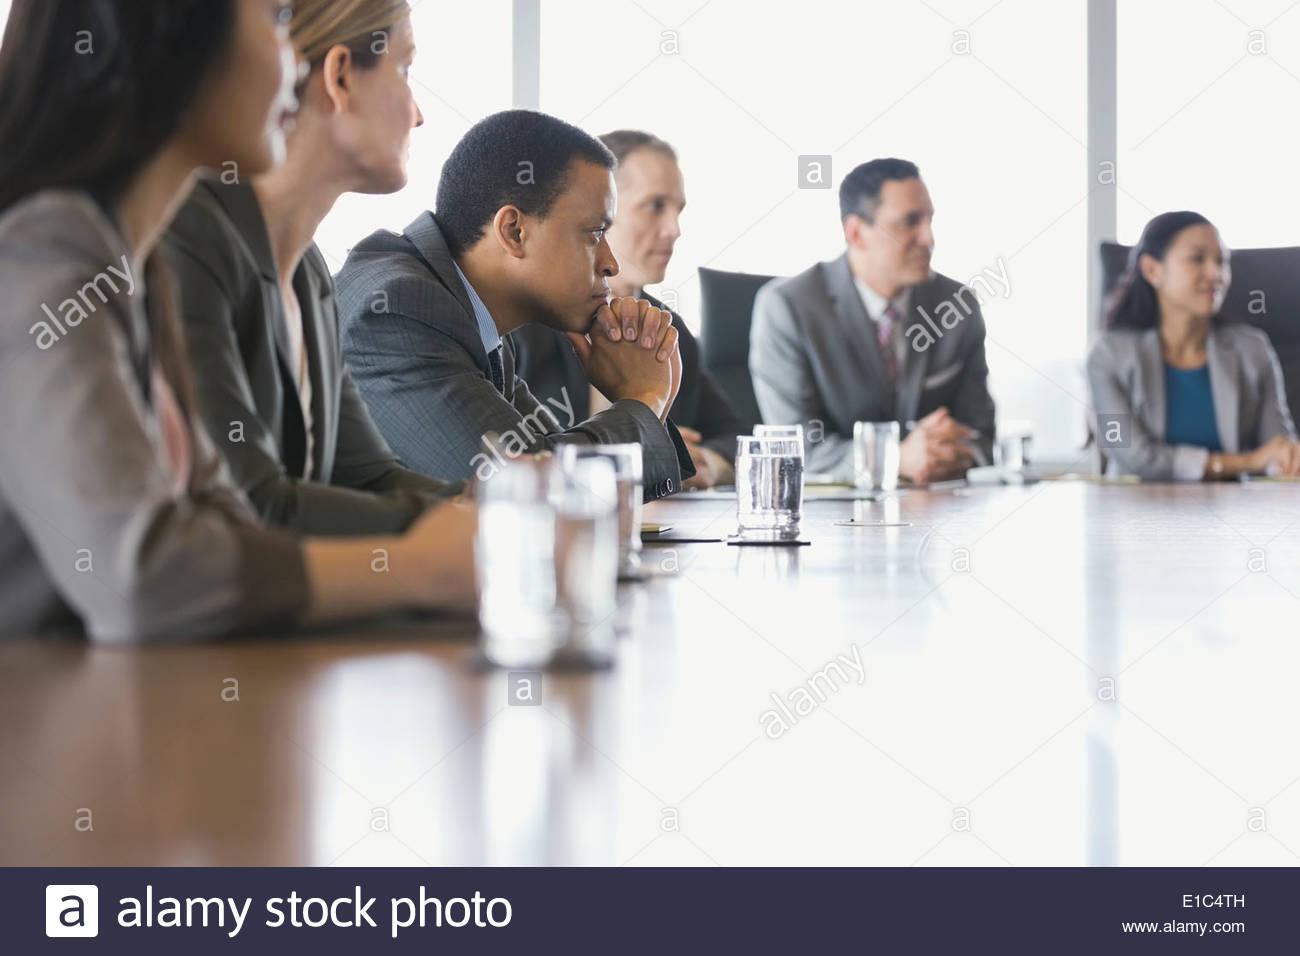 La gente di affari riuniti nella sala conferenze Immagini Stock